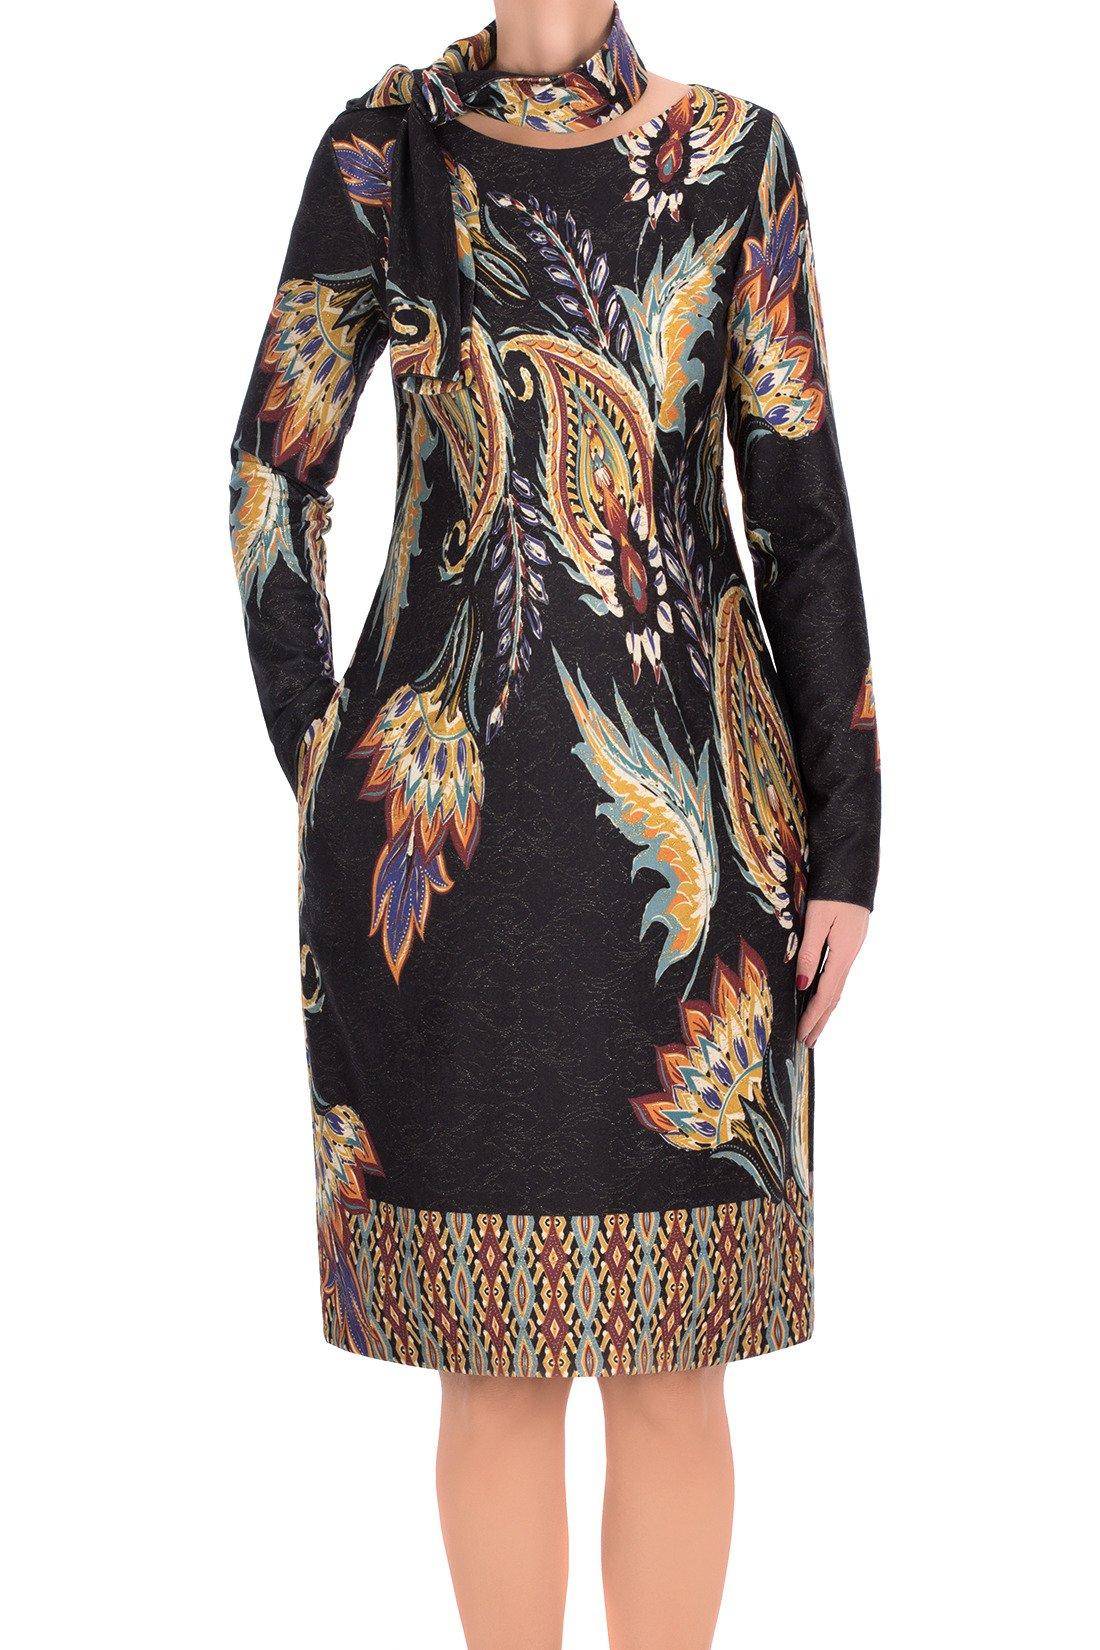 e2741053d4 Sukienka Dagon 2733 czarna w kolorowe ornamenty z szalem